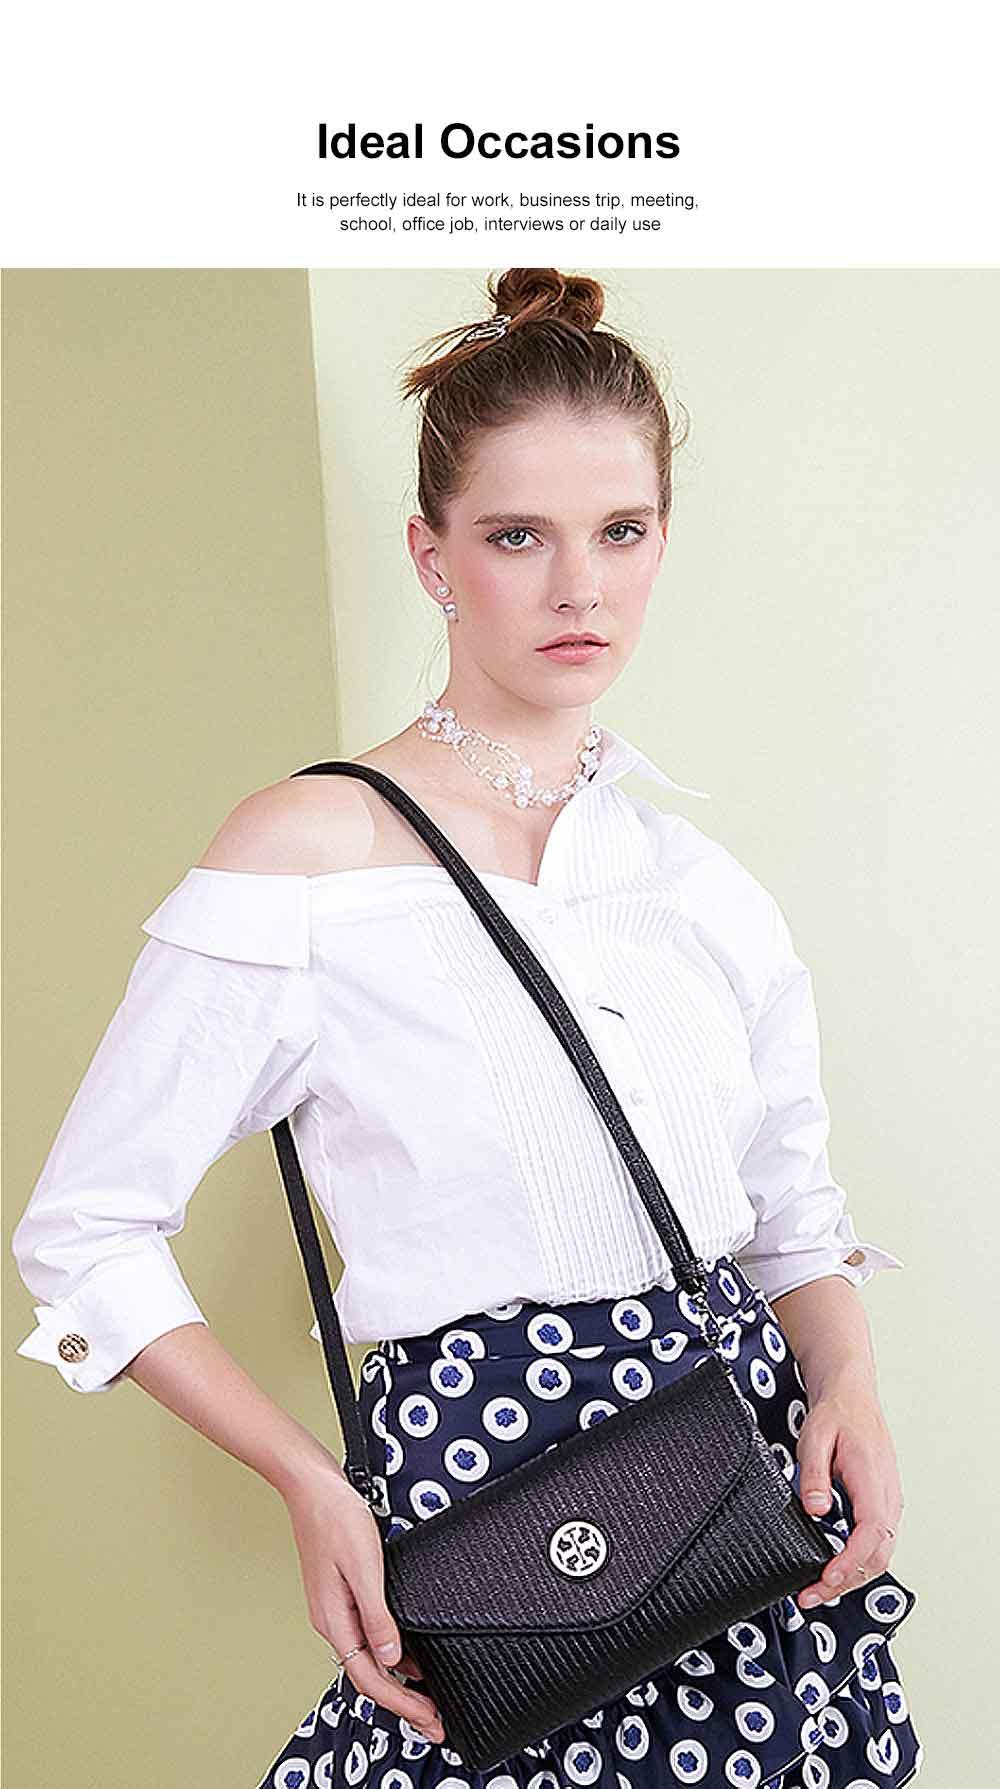 Women's Stylish Practical PU Leather Shoulder Bag Handbag with Detachable Shoulder Strap Black 2